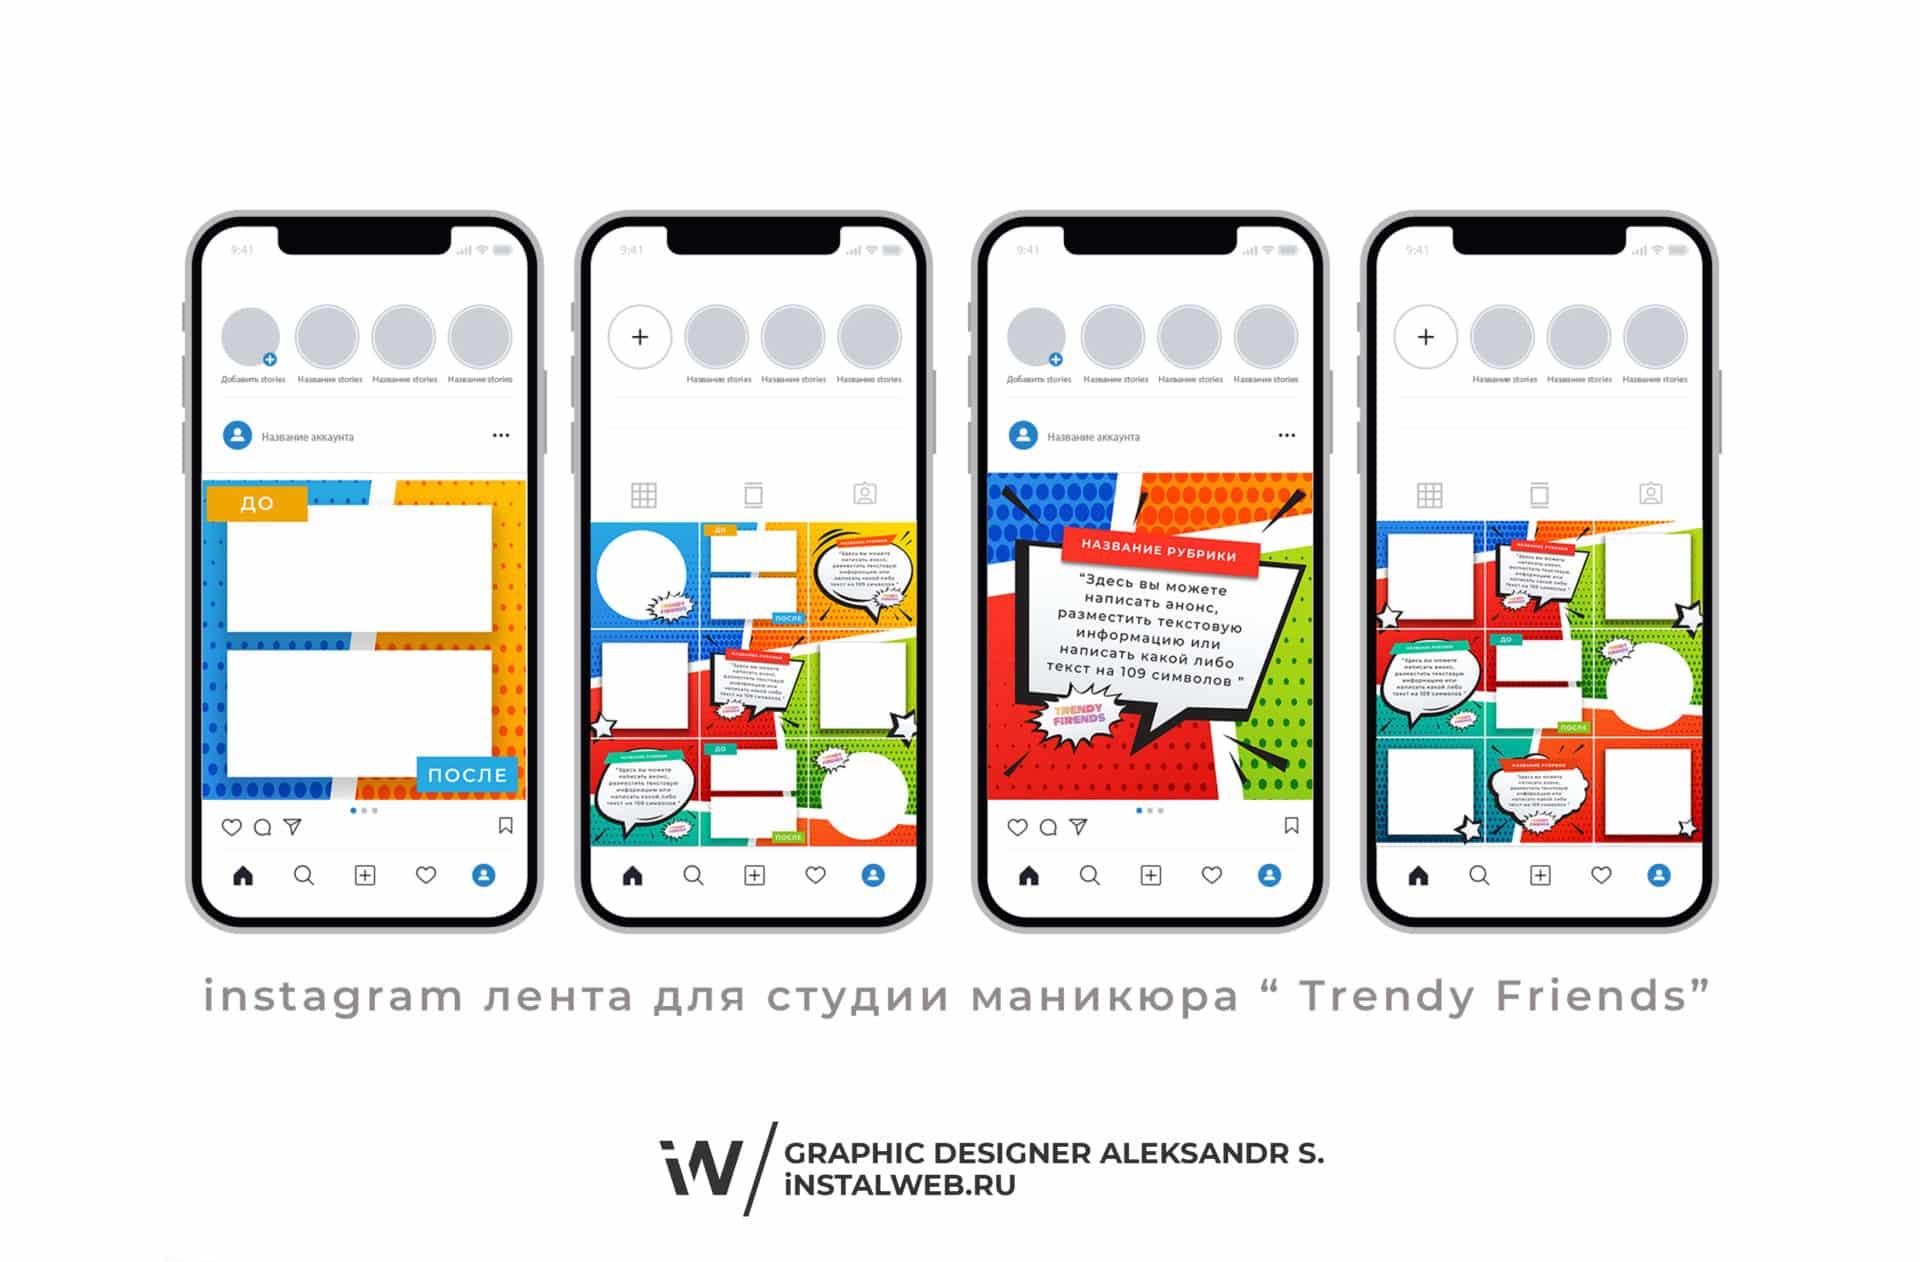 пример дизайна бесконечной инстаграм ленты